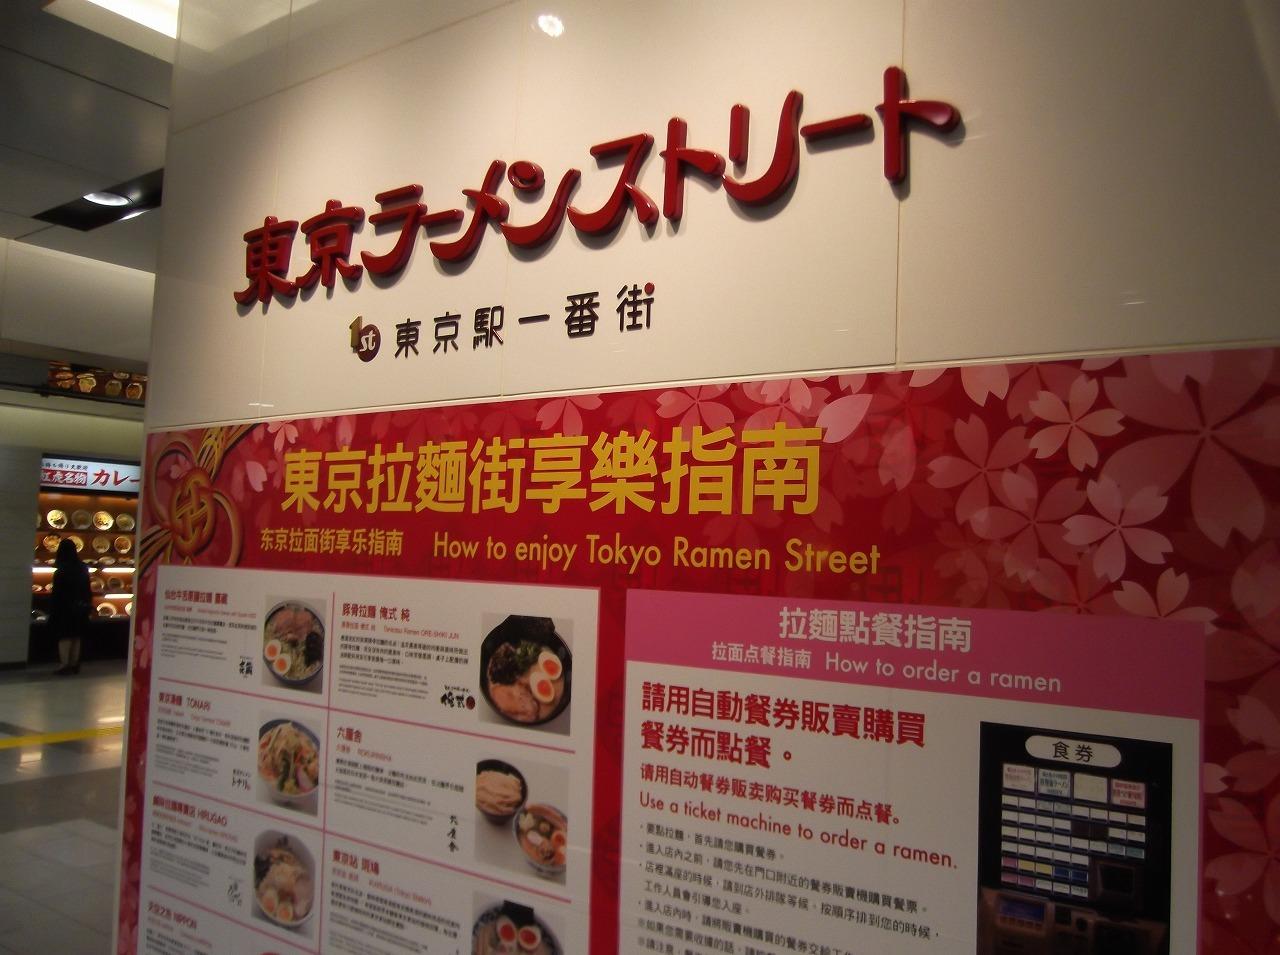 東京駅のラーメンストリートの場所や行き方は?人気店ランキング!